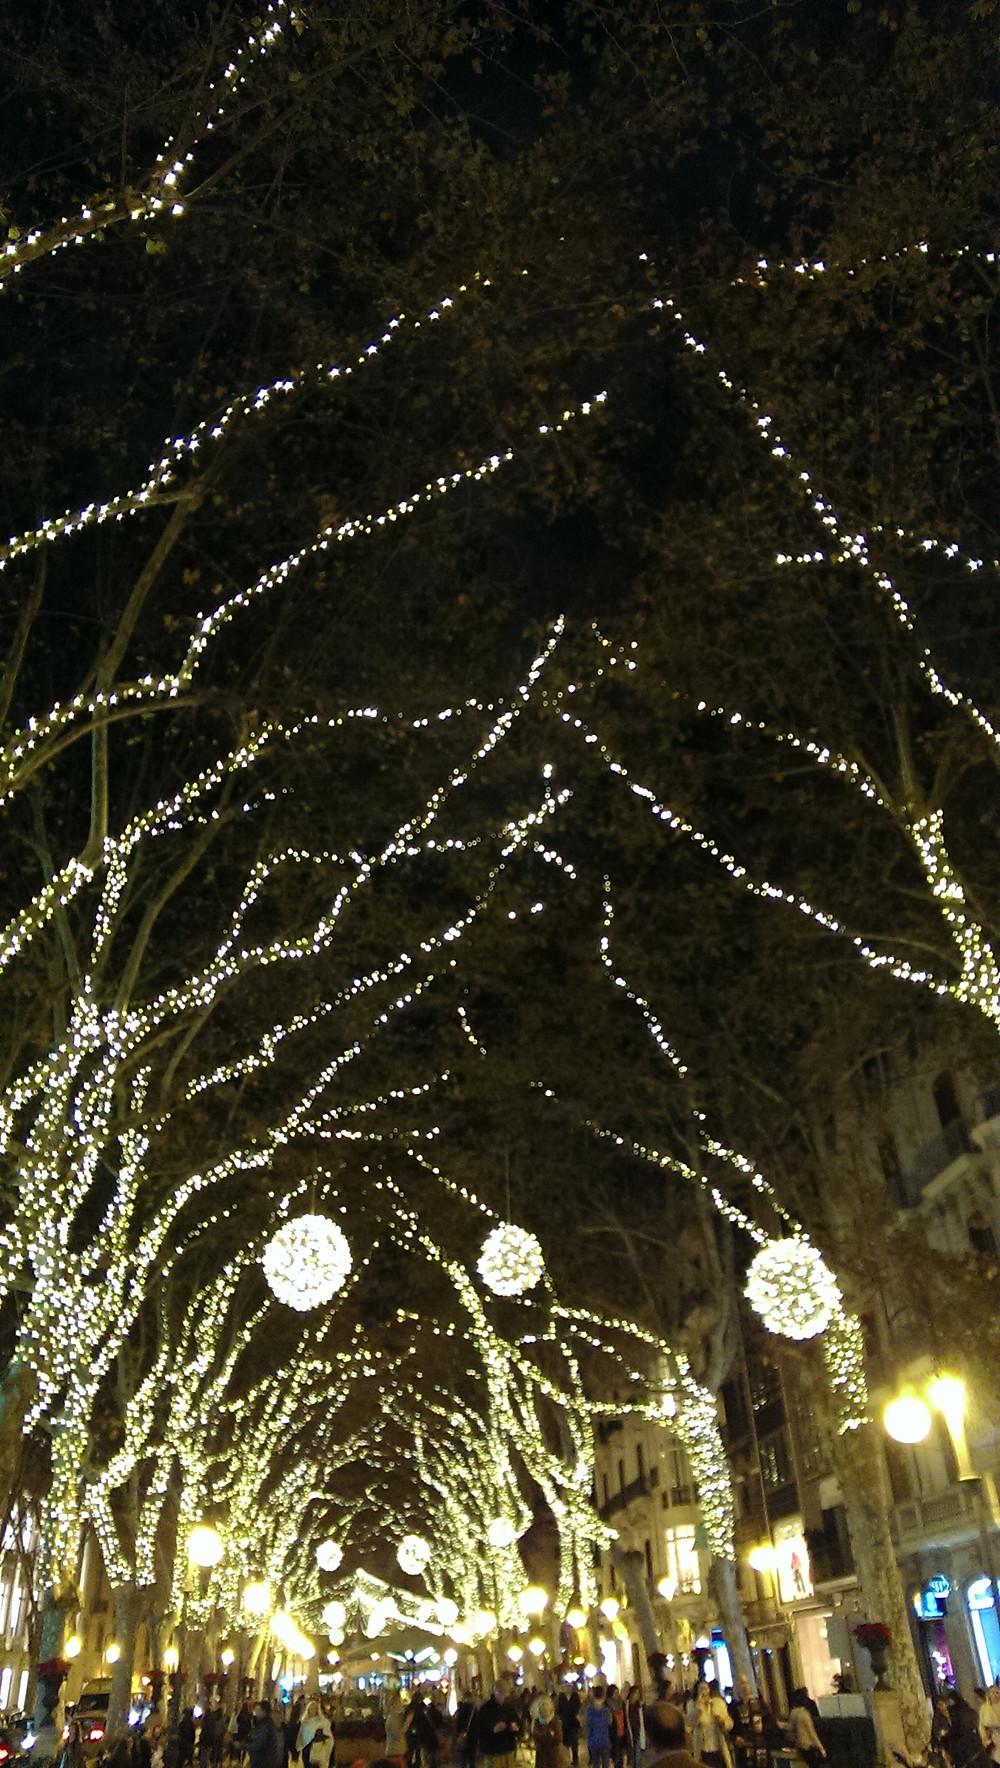 Christmas time in Palma de Mallorca